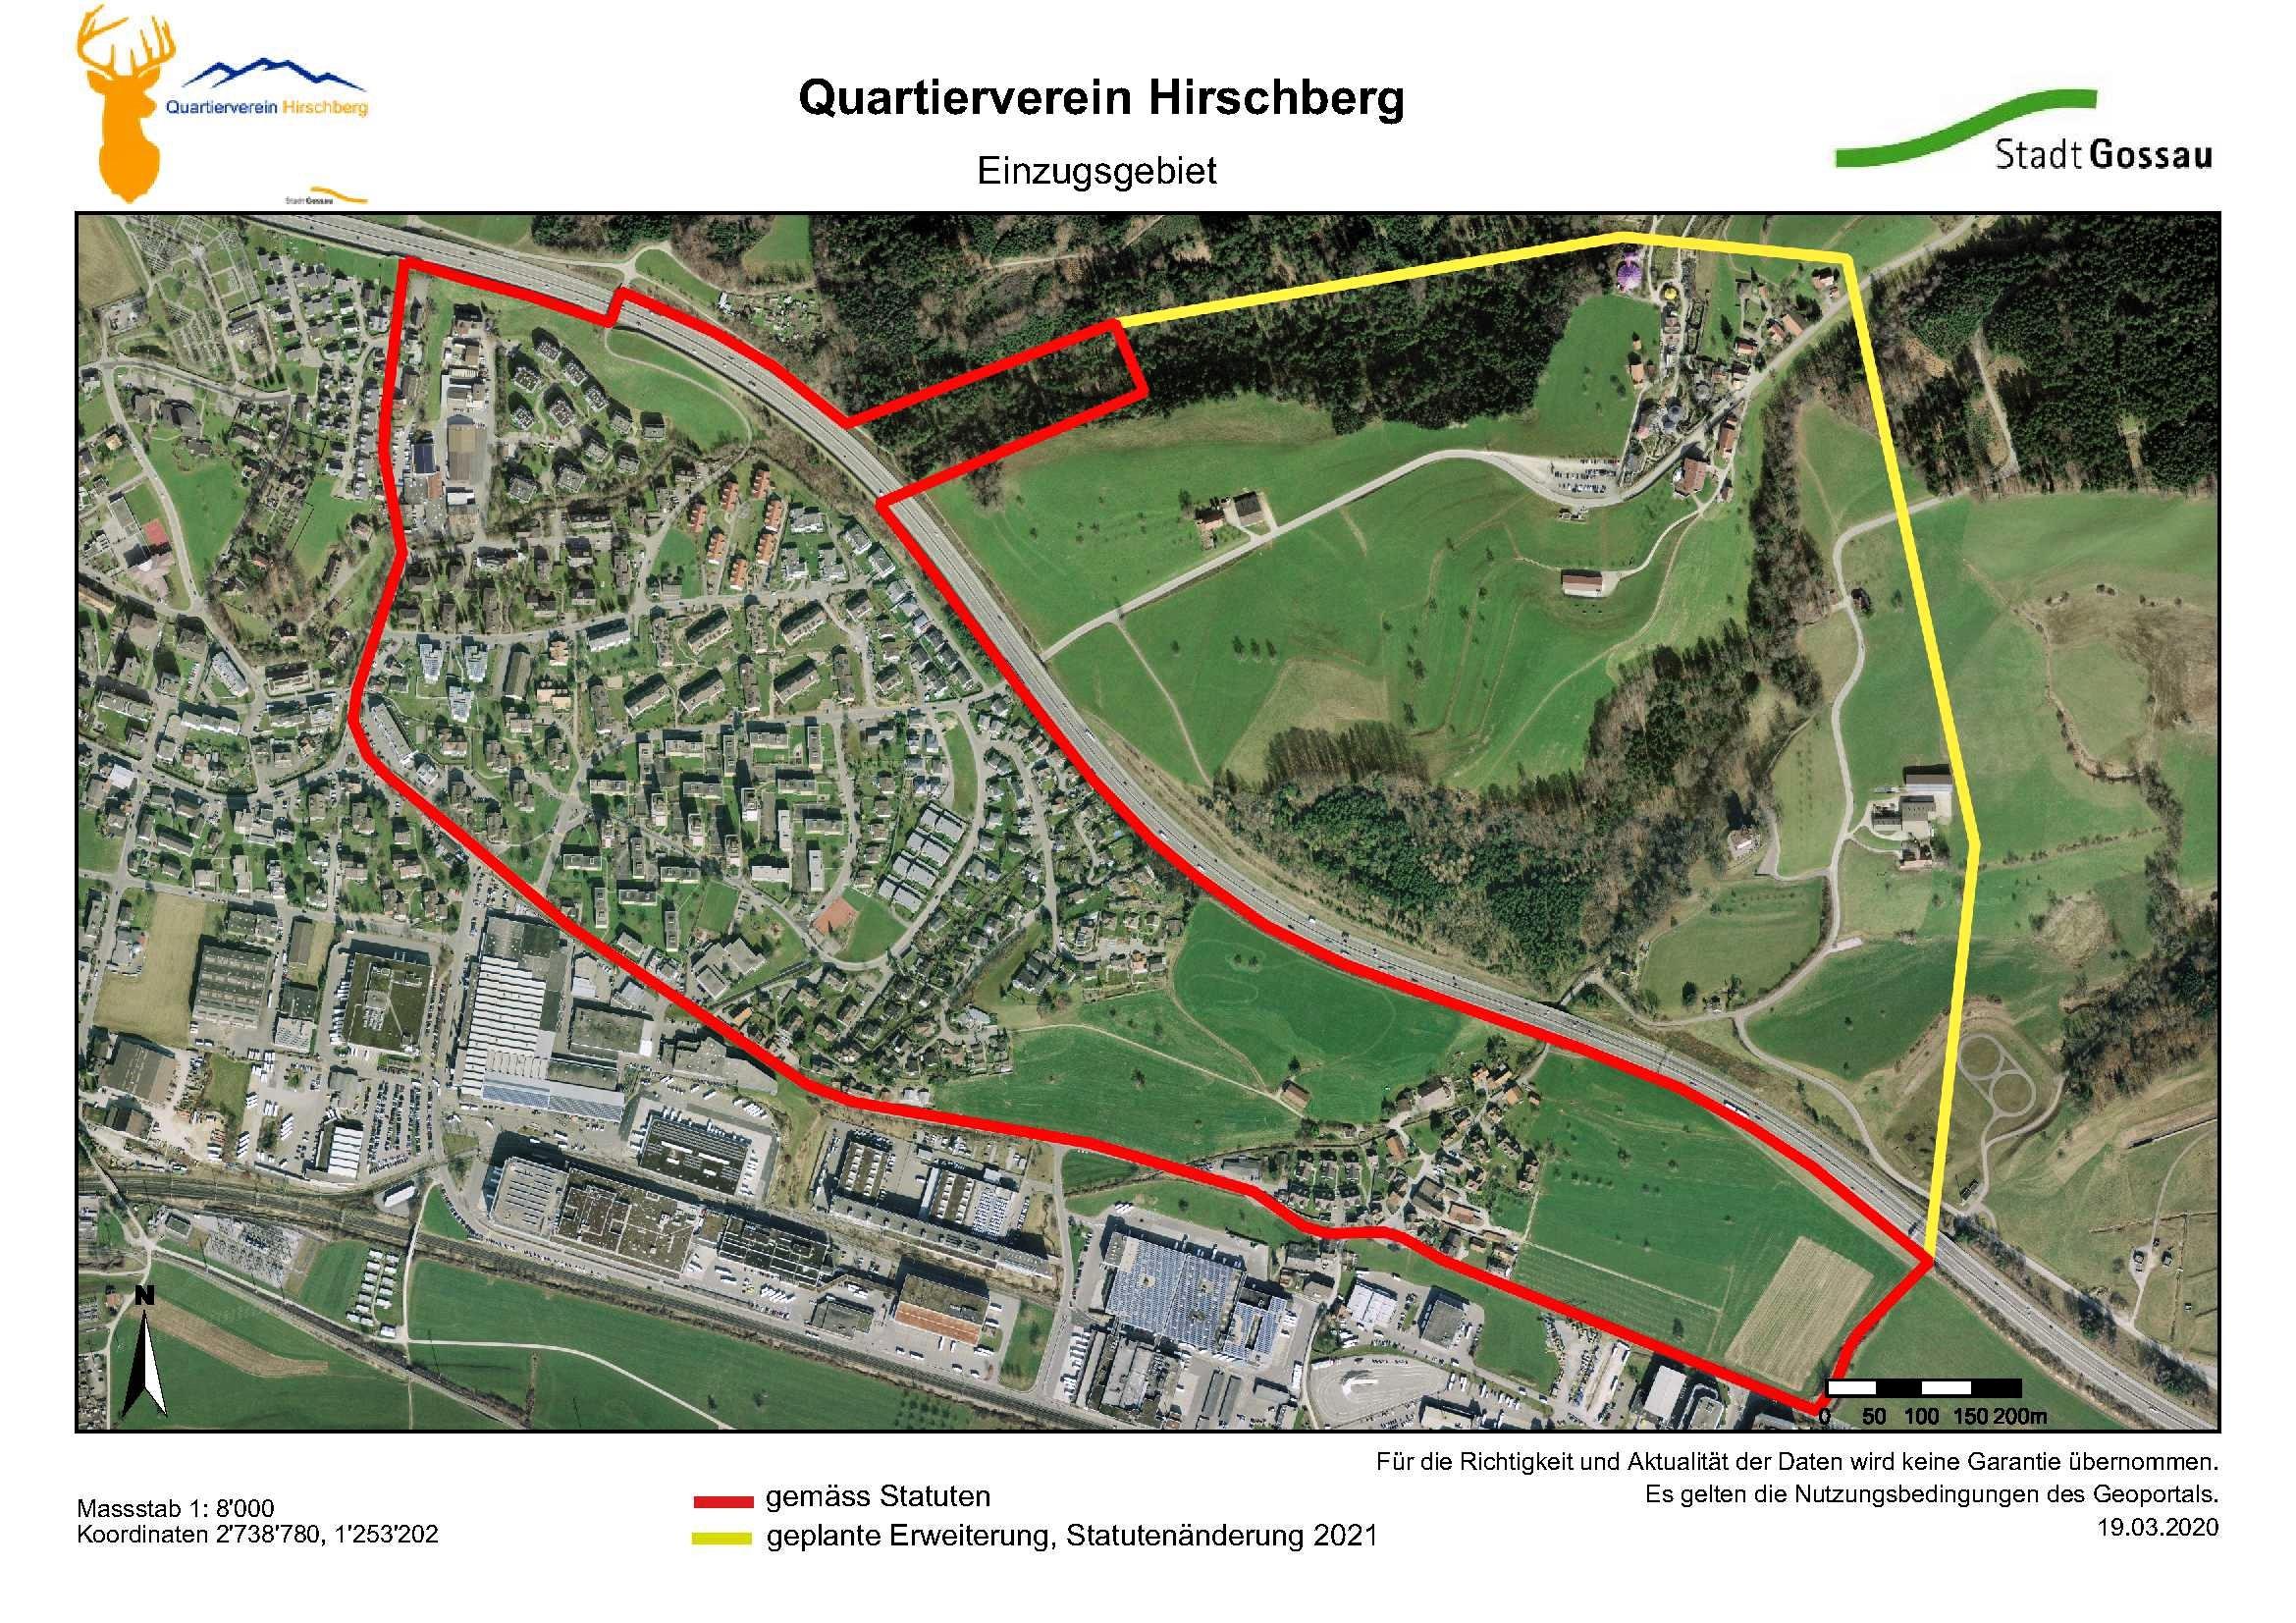 Quartierverein Hirschberg_def - A4_1jpg